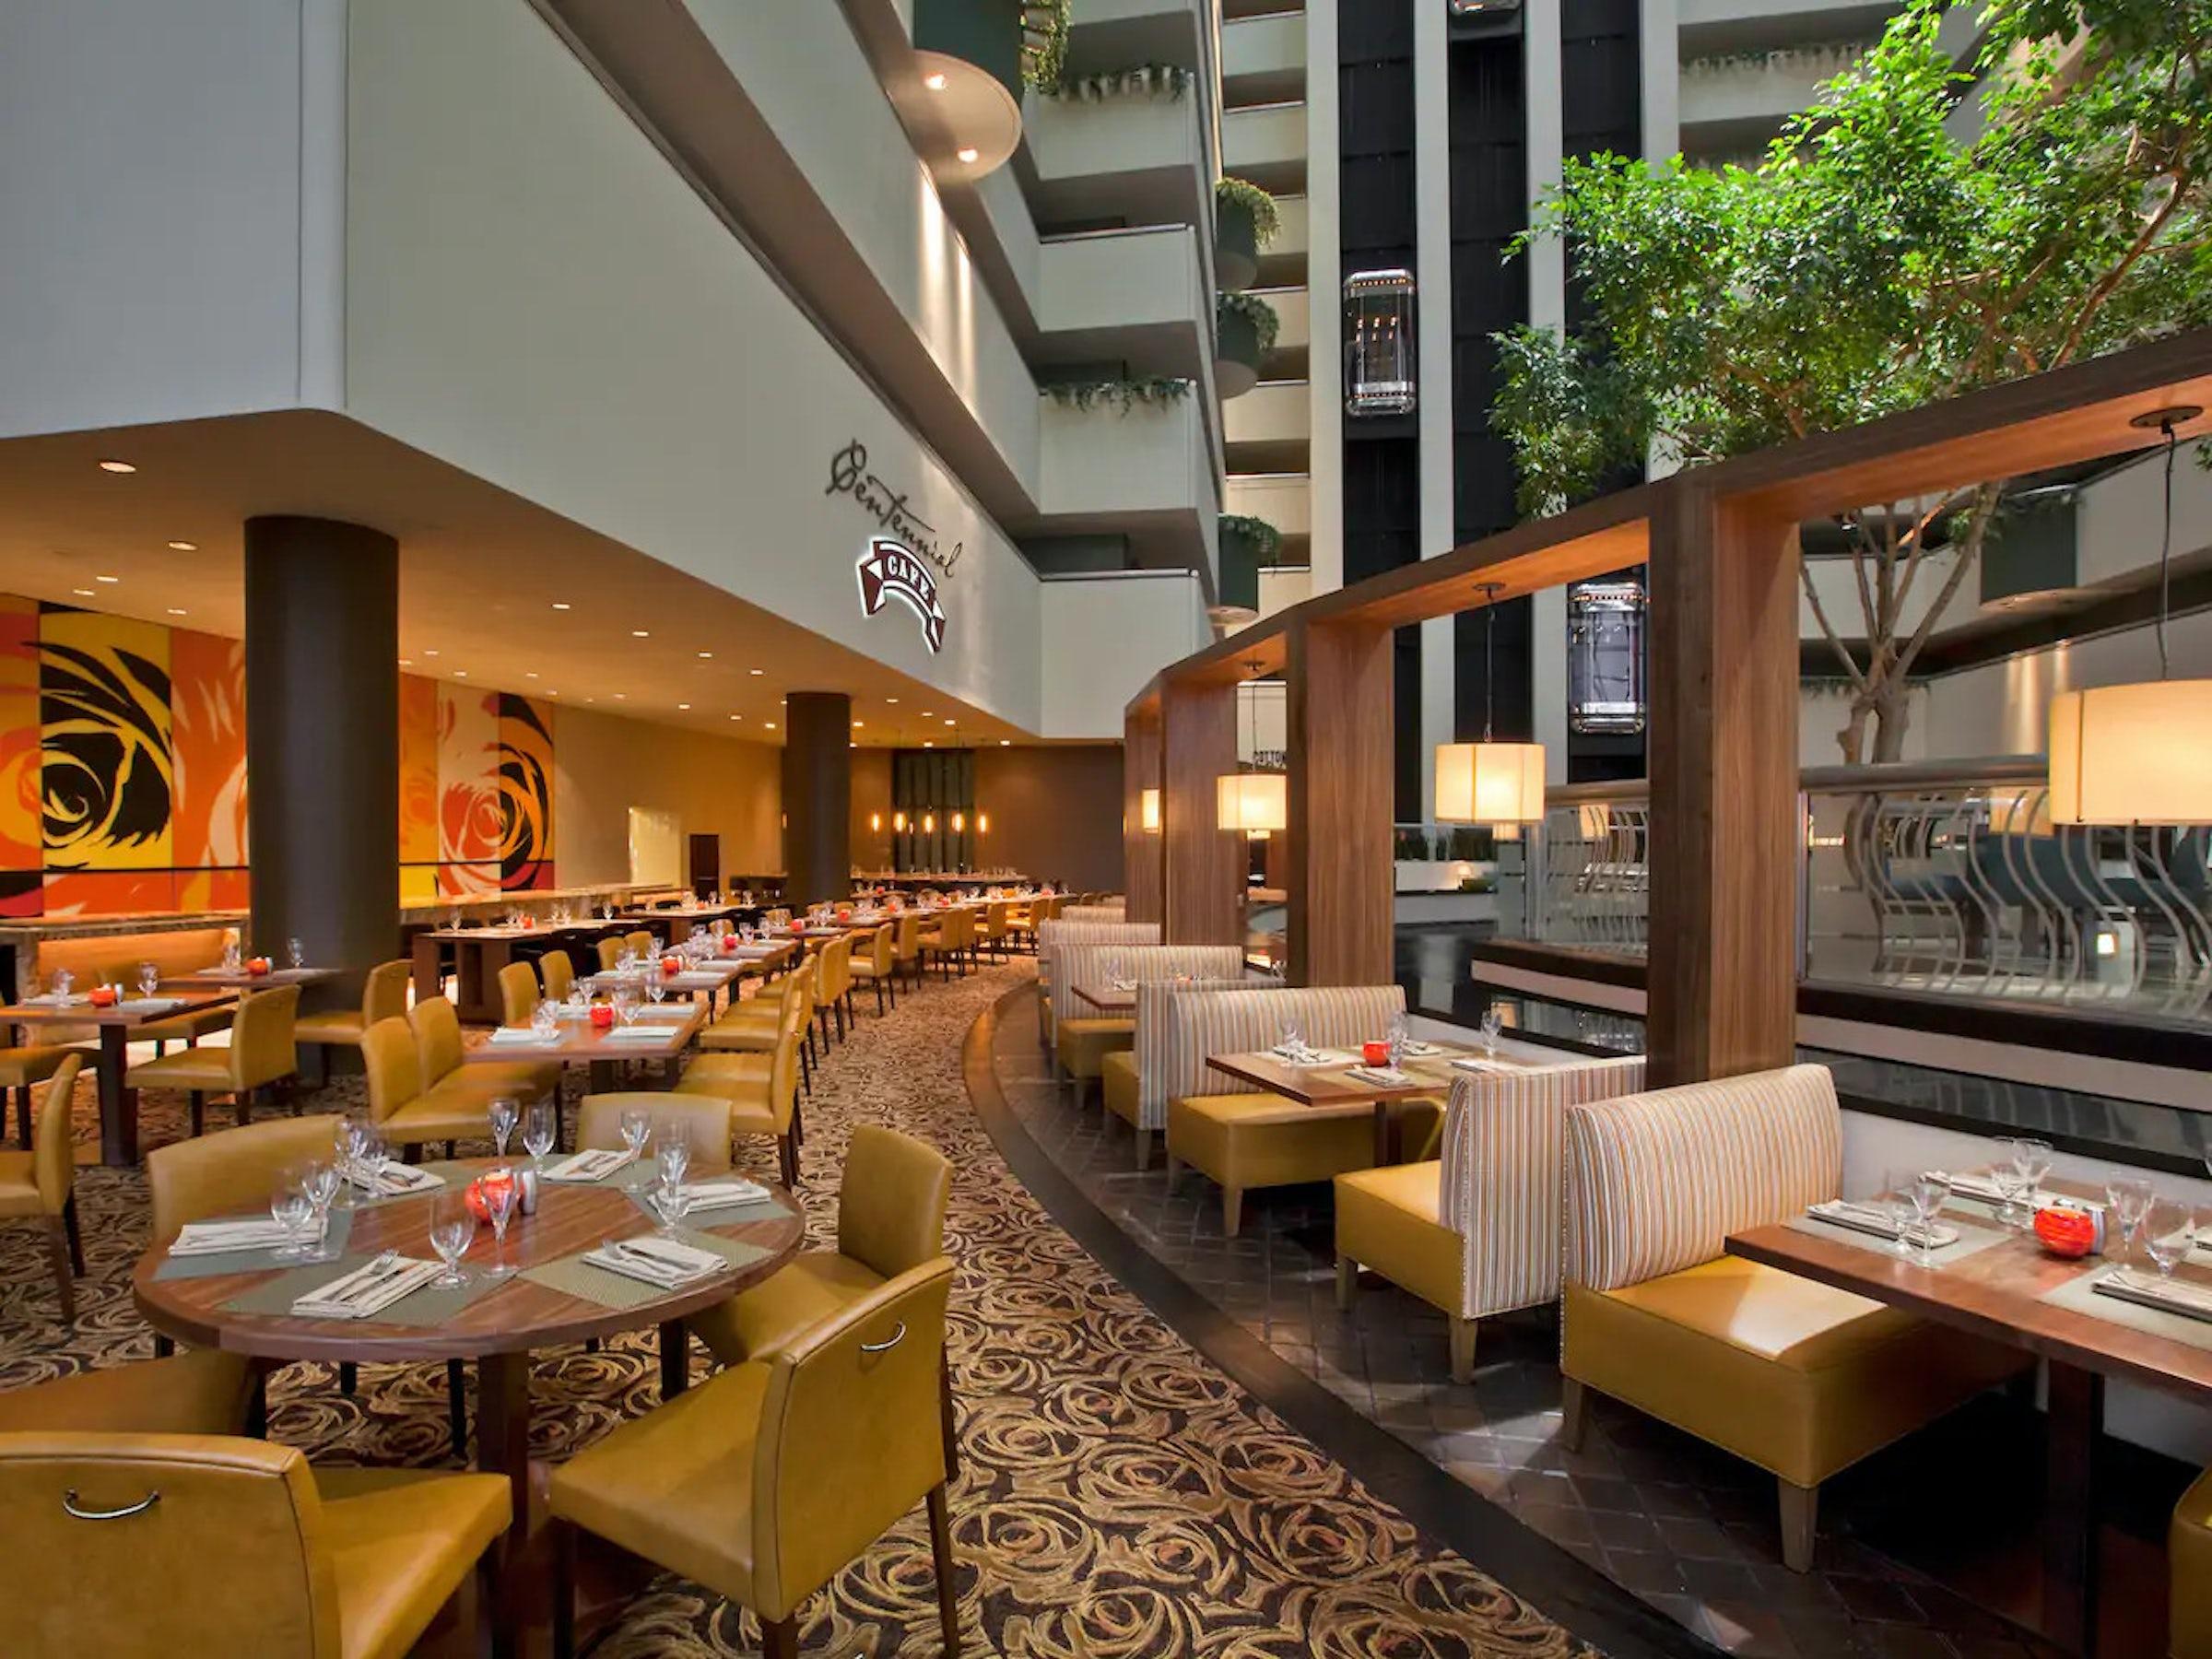 Centennial Cafe in Beyond Dallas